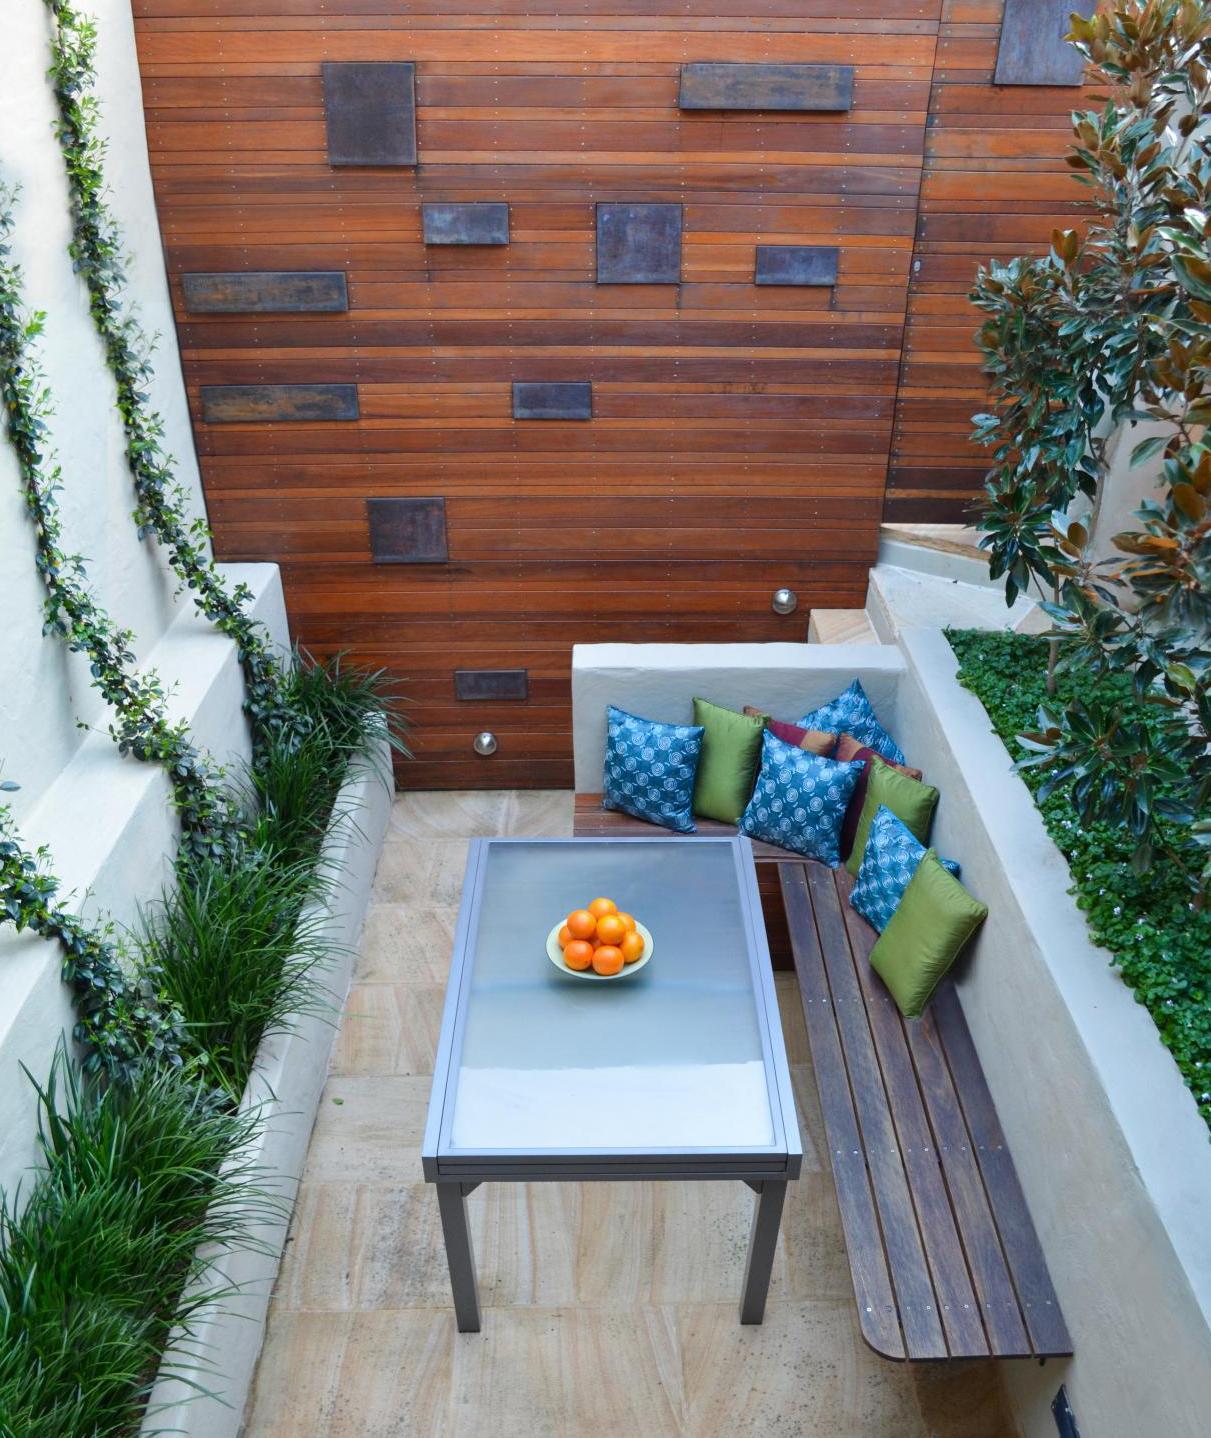 garten gestalten mit bank und esstisch als kleines wohnzimmer drau en freshouse. Black Bedroom Furniture Sets. Home Design Ideas